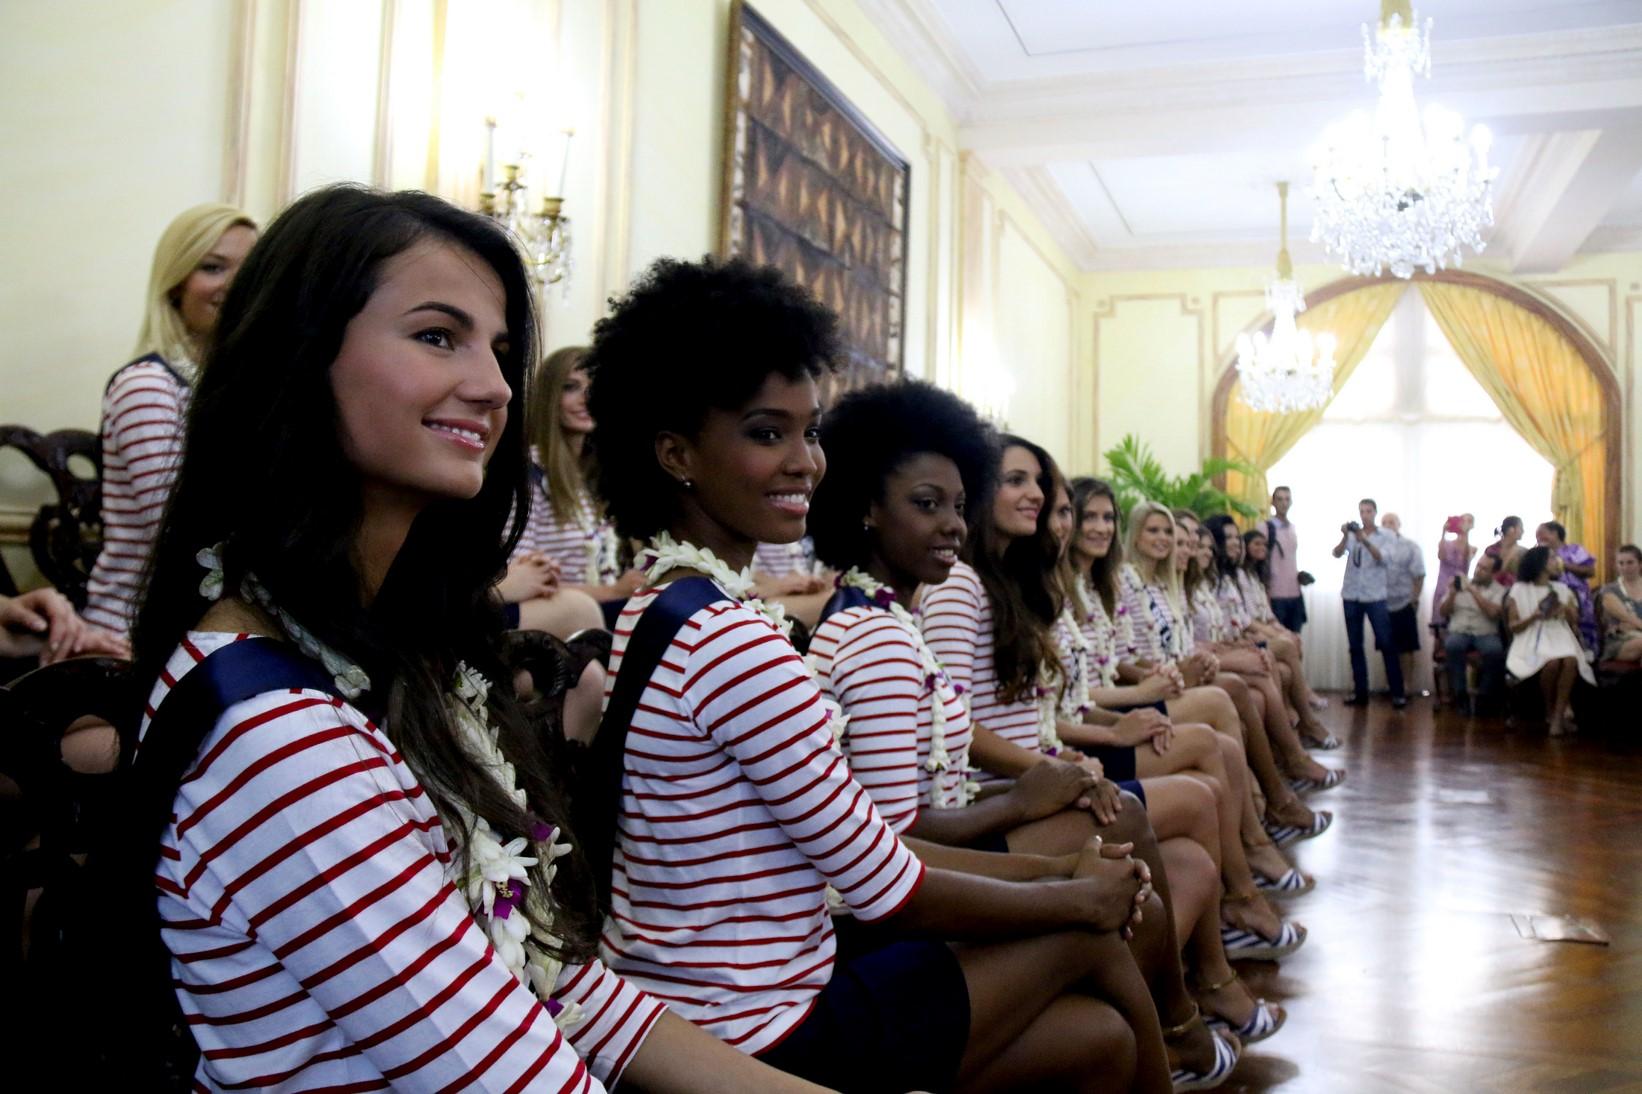 Les Miss France dans le palais de la Présidence ©Karim Mahdjouba pour TNTV